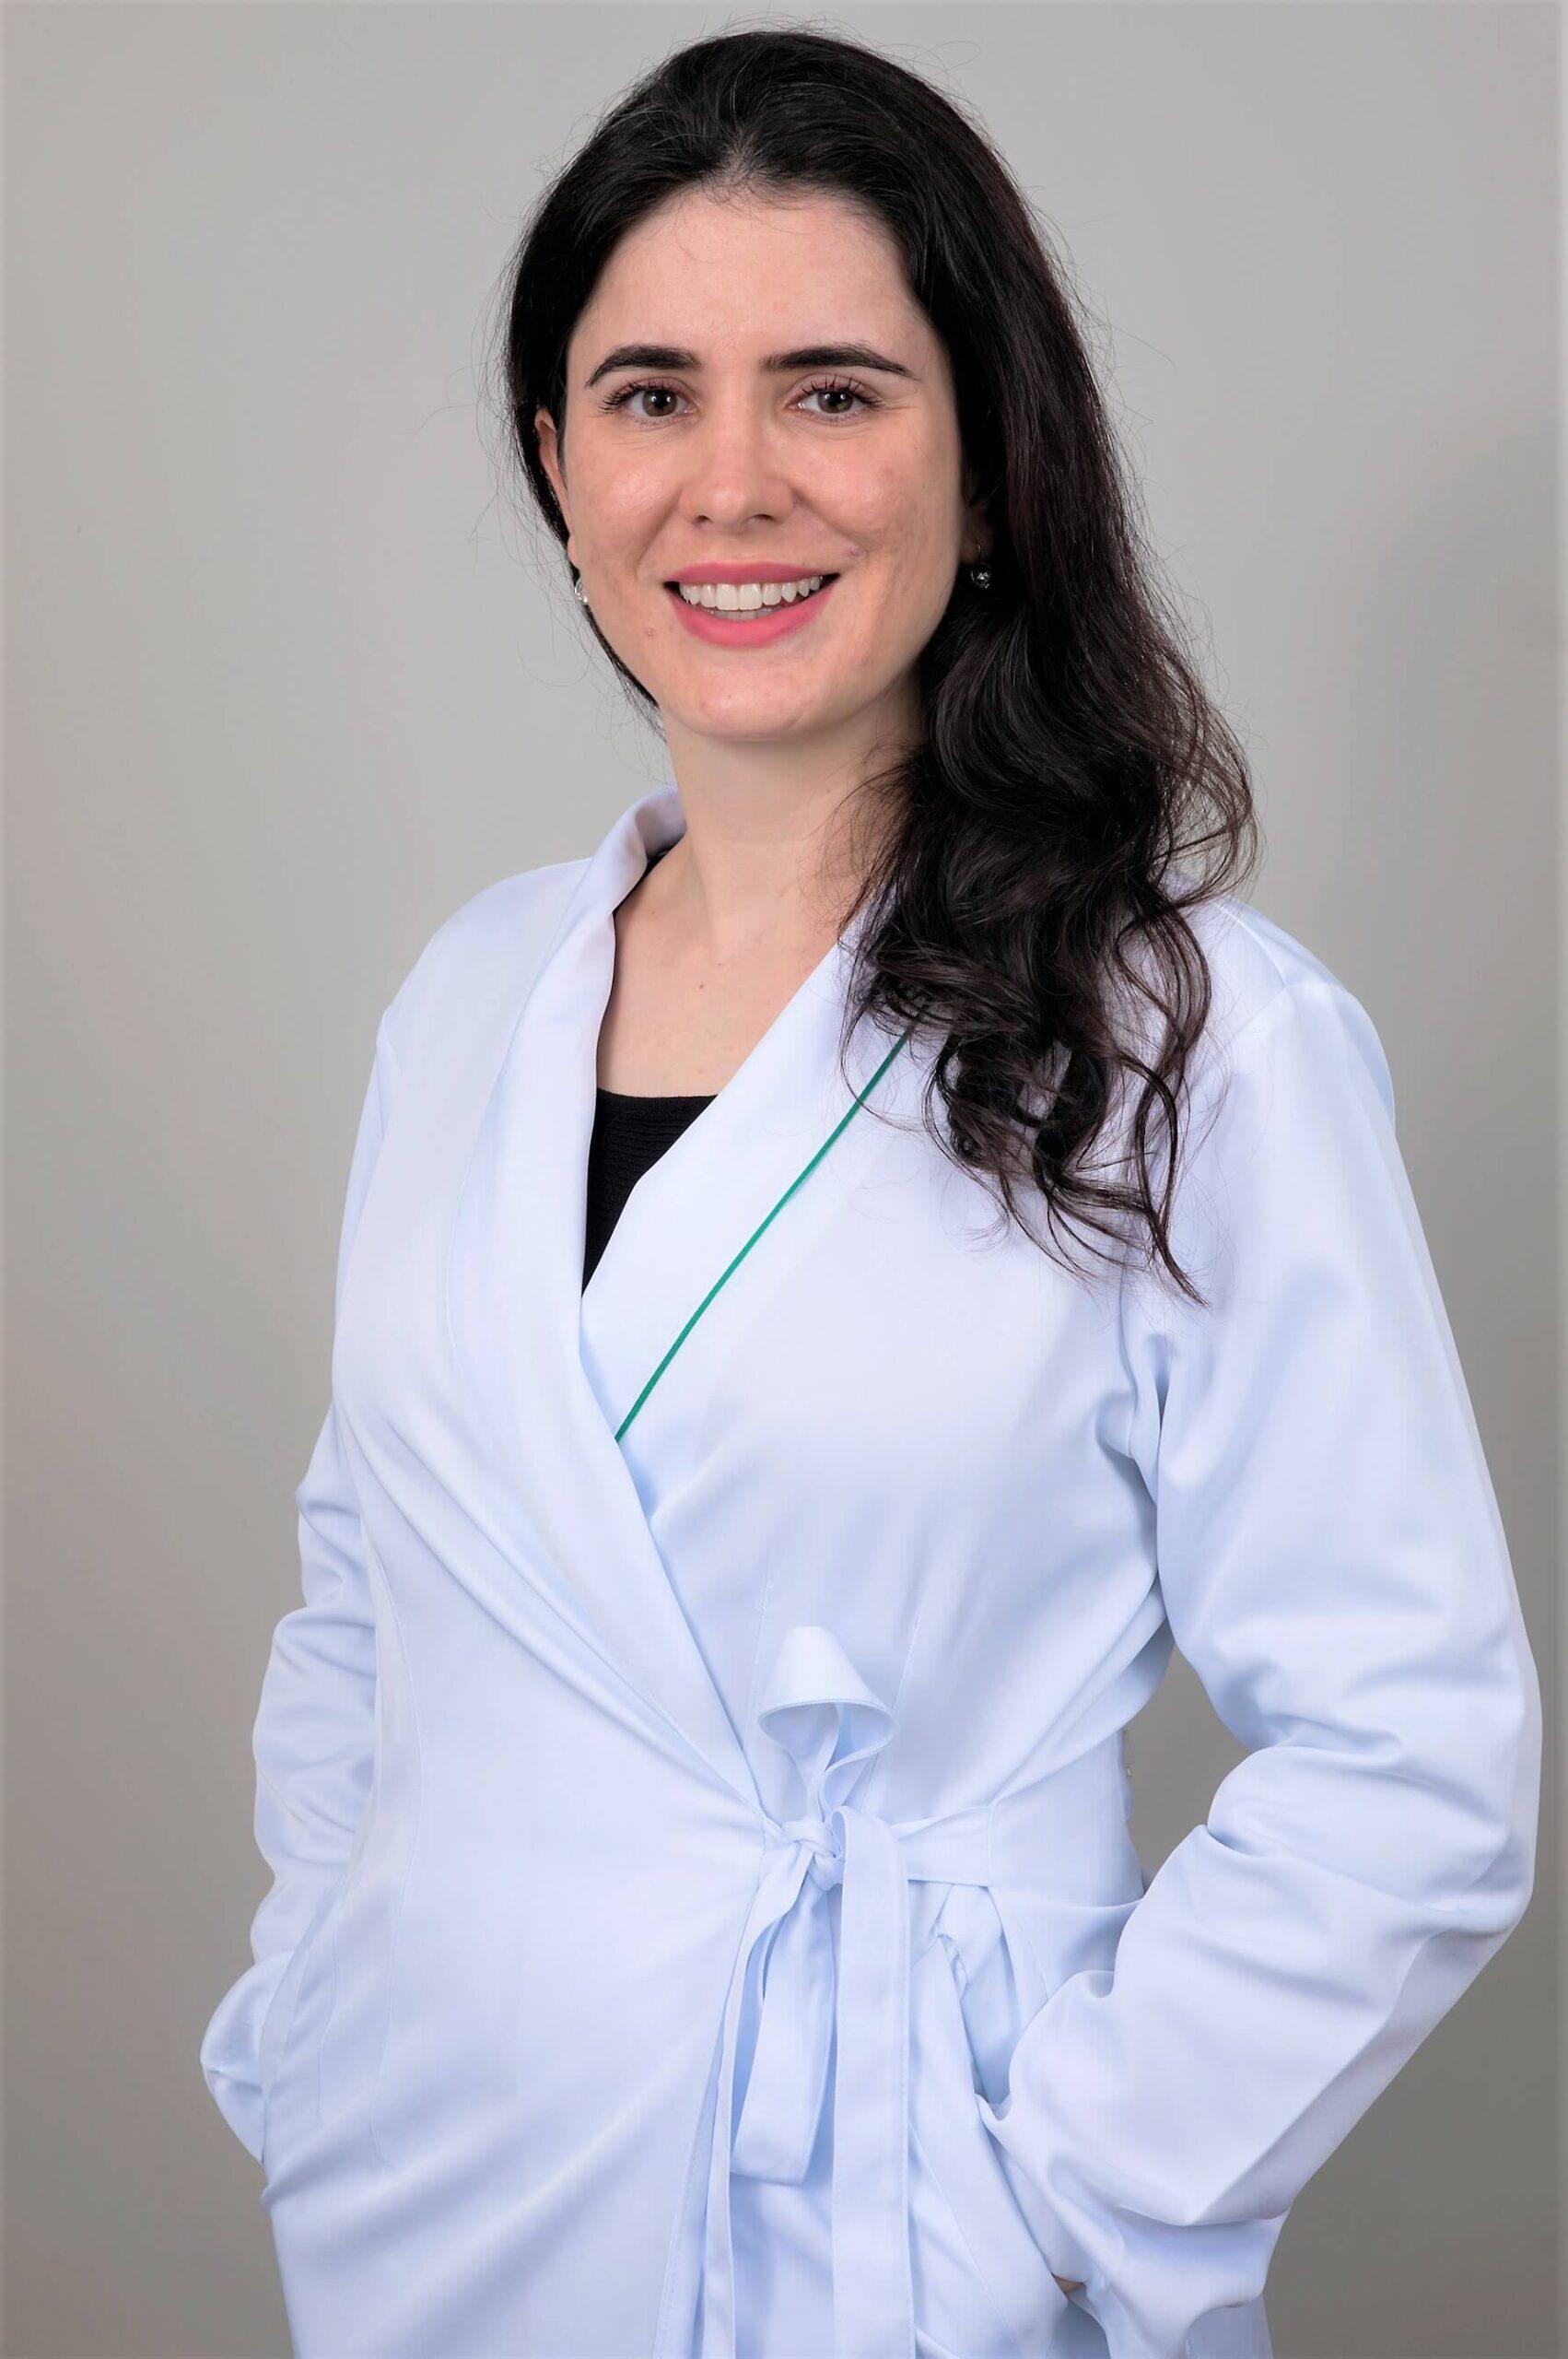 Dra. Bruna Boaria Zanandrea - Anestesiologista Joinville